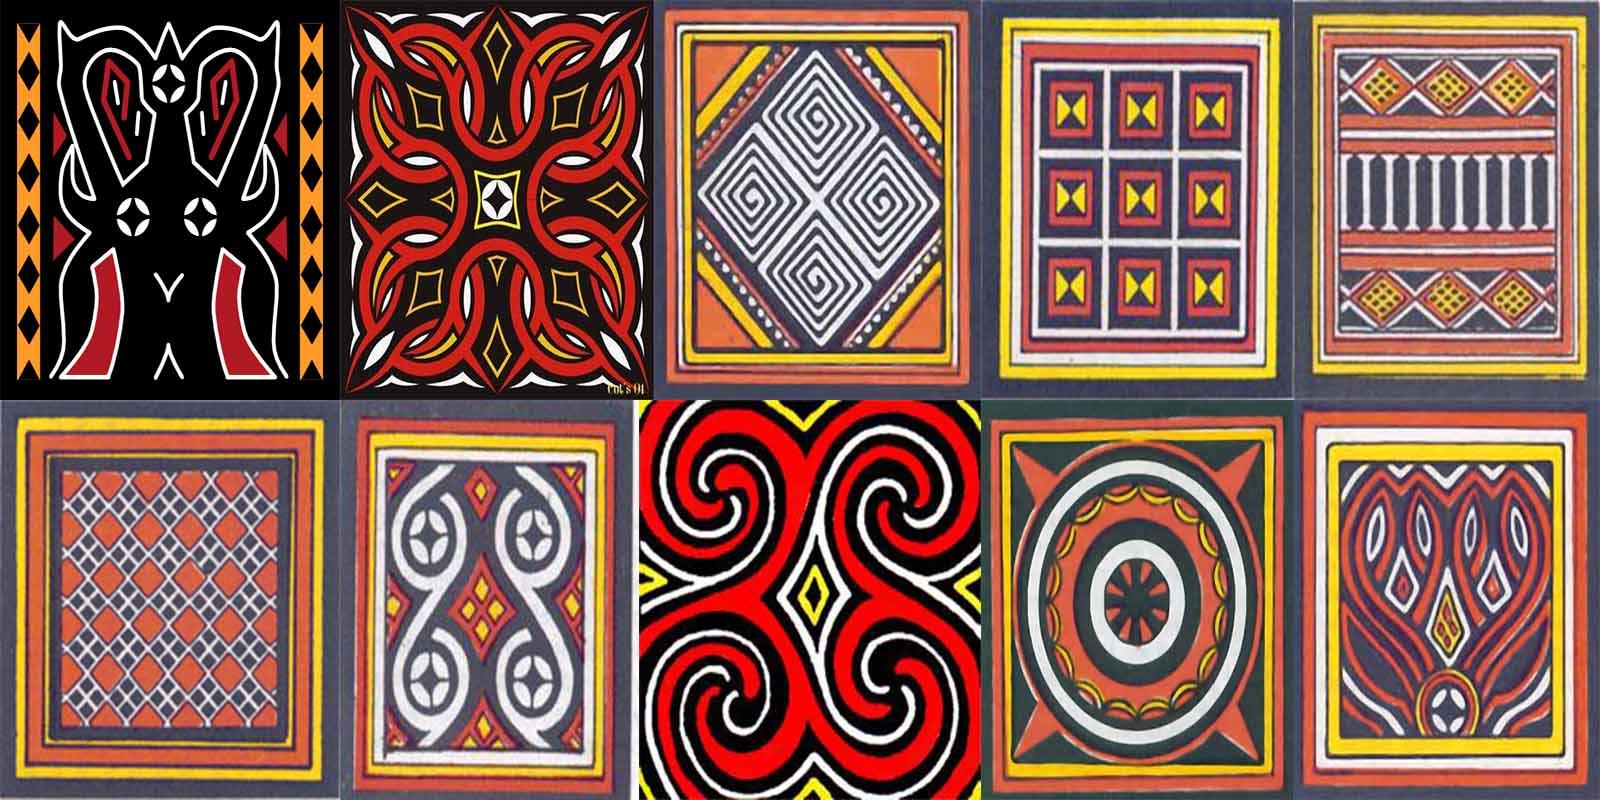 Mengenal 10 MacamMacam Ukiran Toraja serta Maknanya  Kamera Budaya